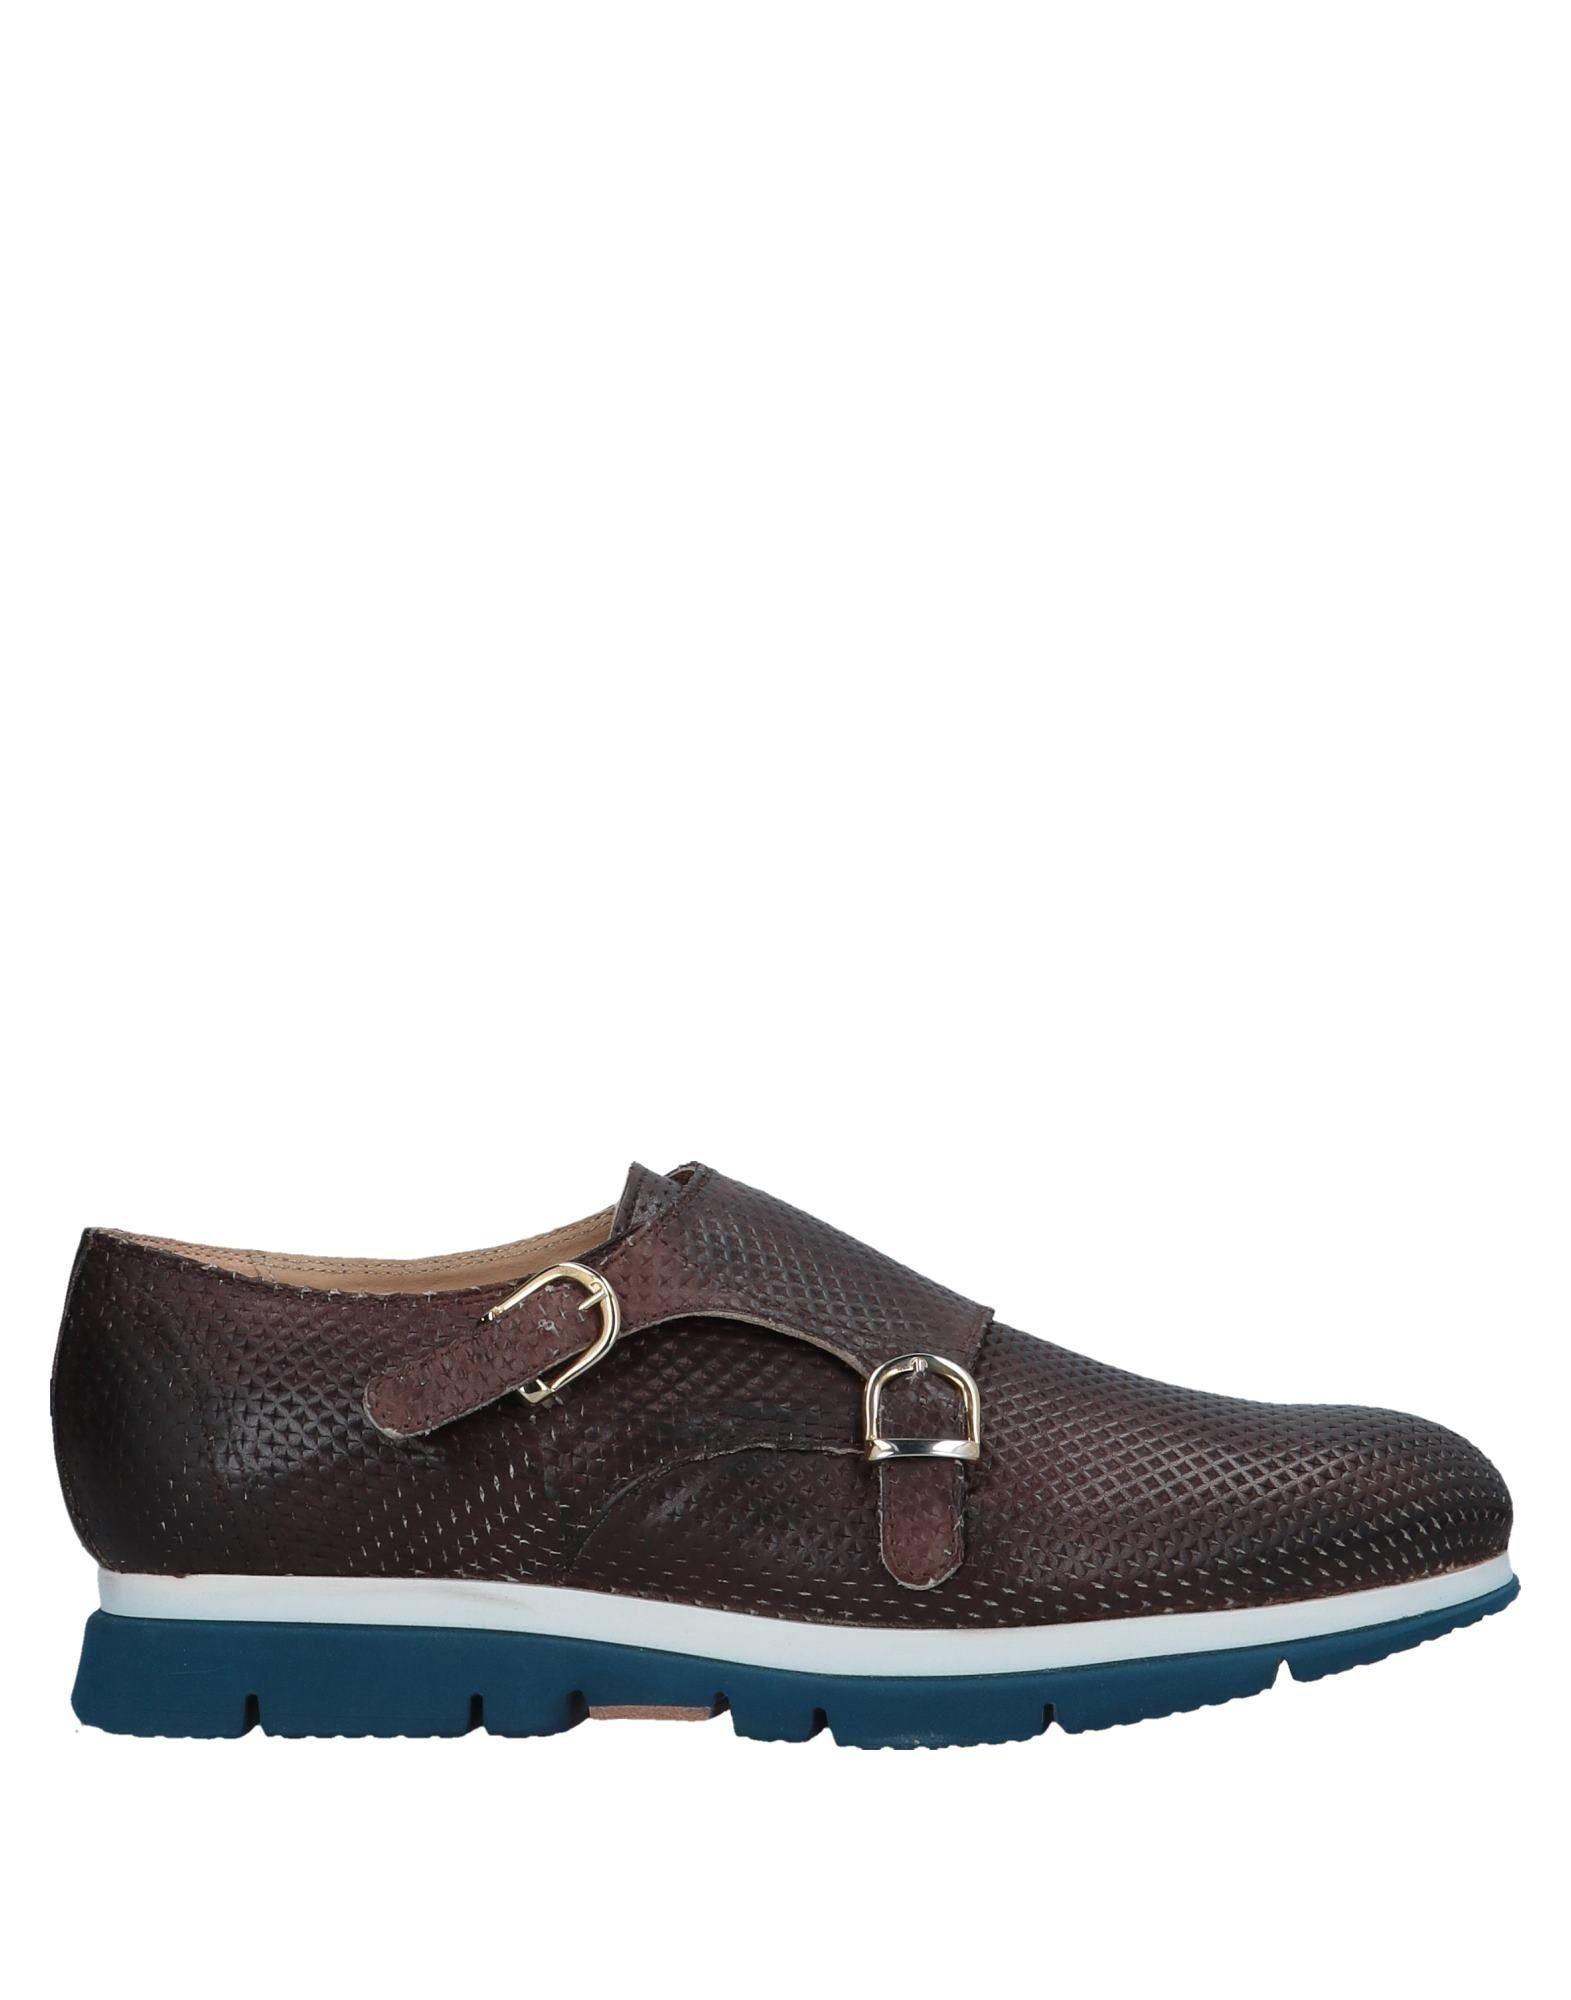 Domenico Tagliente Mokassins Qualität Herren  11379210HX Gute Qualität Mokassins beliebte Schuhe 96d766